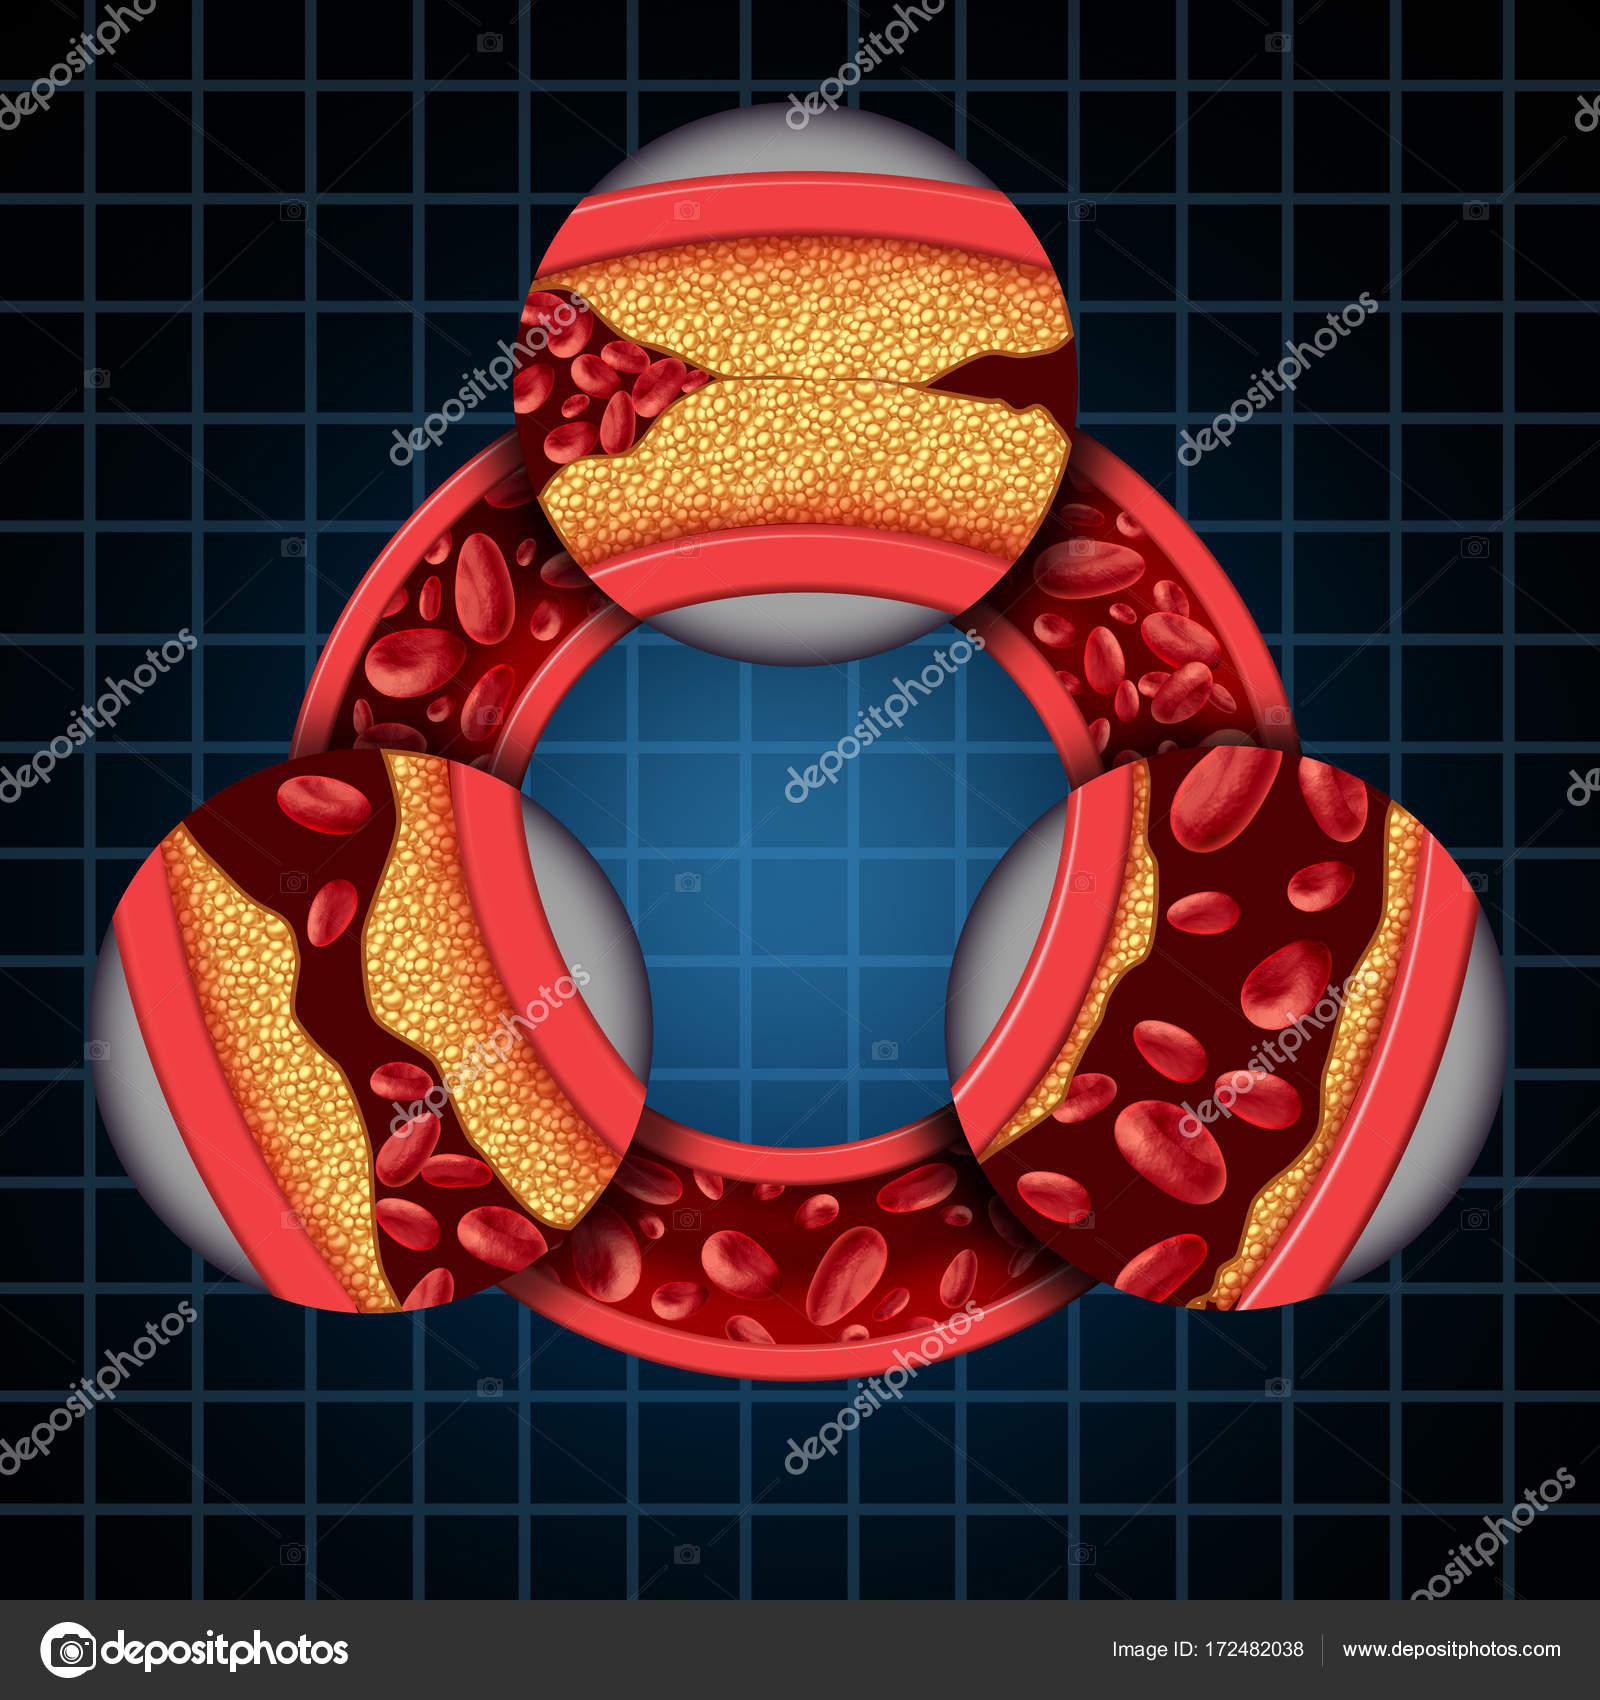 Diagrama de síntomas de la enfermedad de la arteria — Foto de stock ...